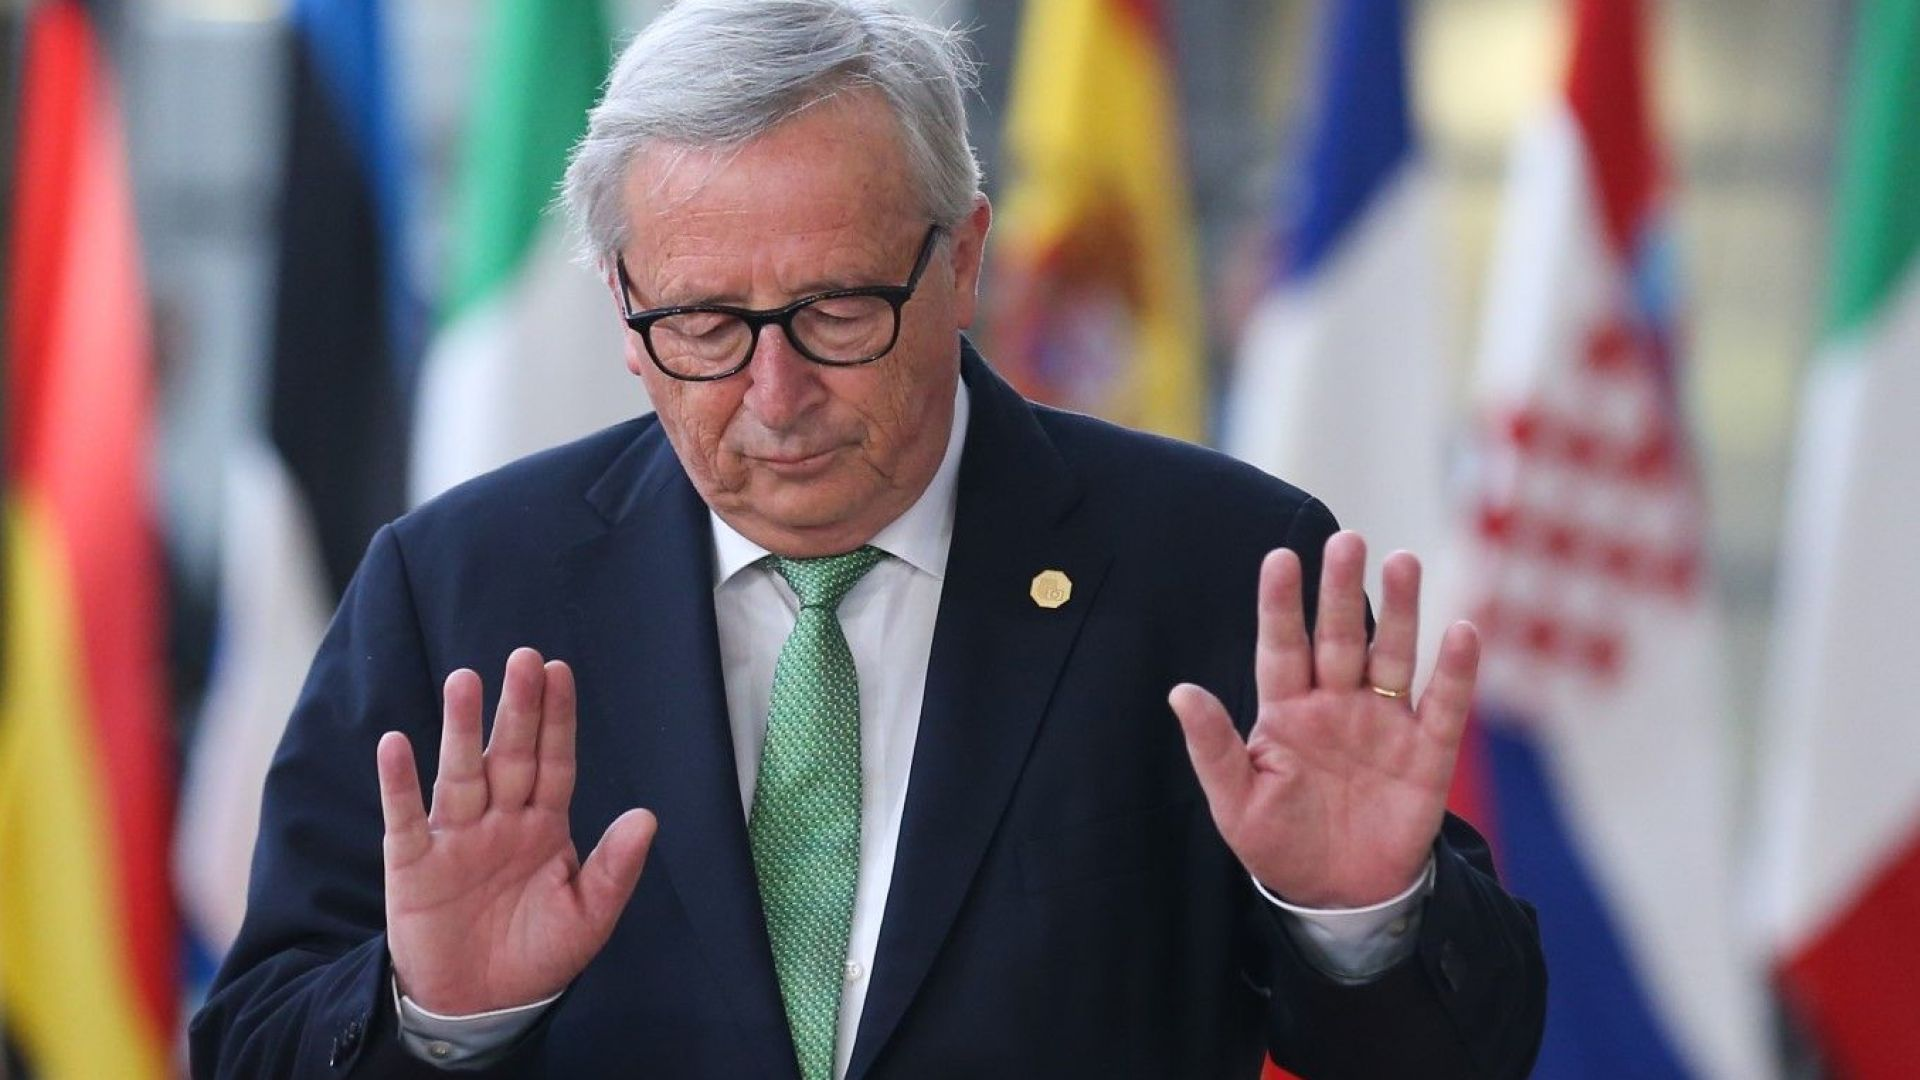 Жан-Клод Юнкер: Ако Сърбия и Косово не разрешат спора, няма влизане в ЕС